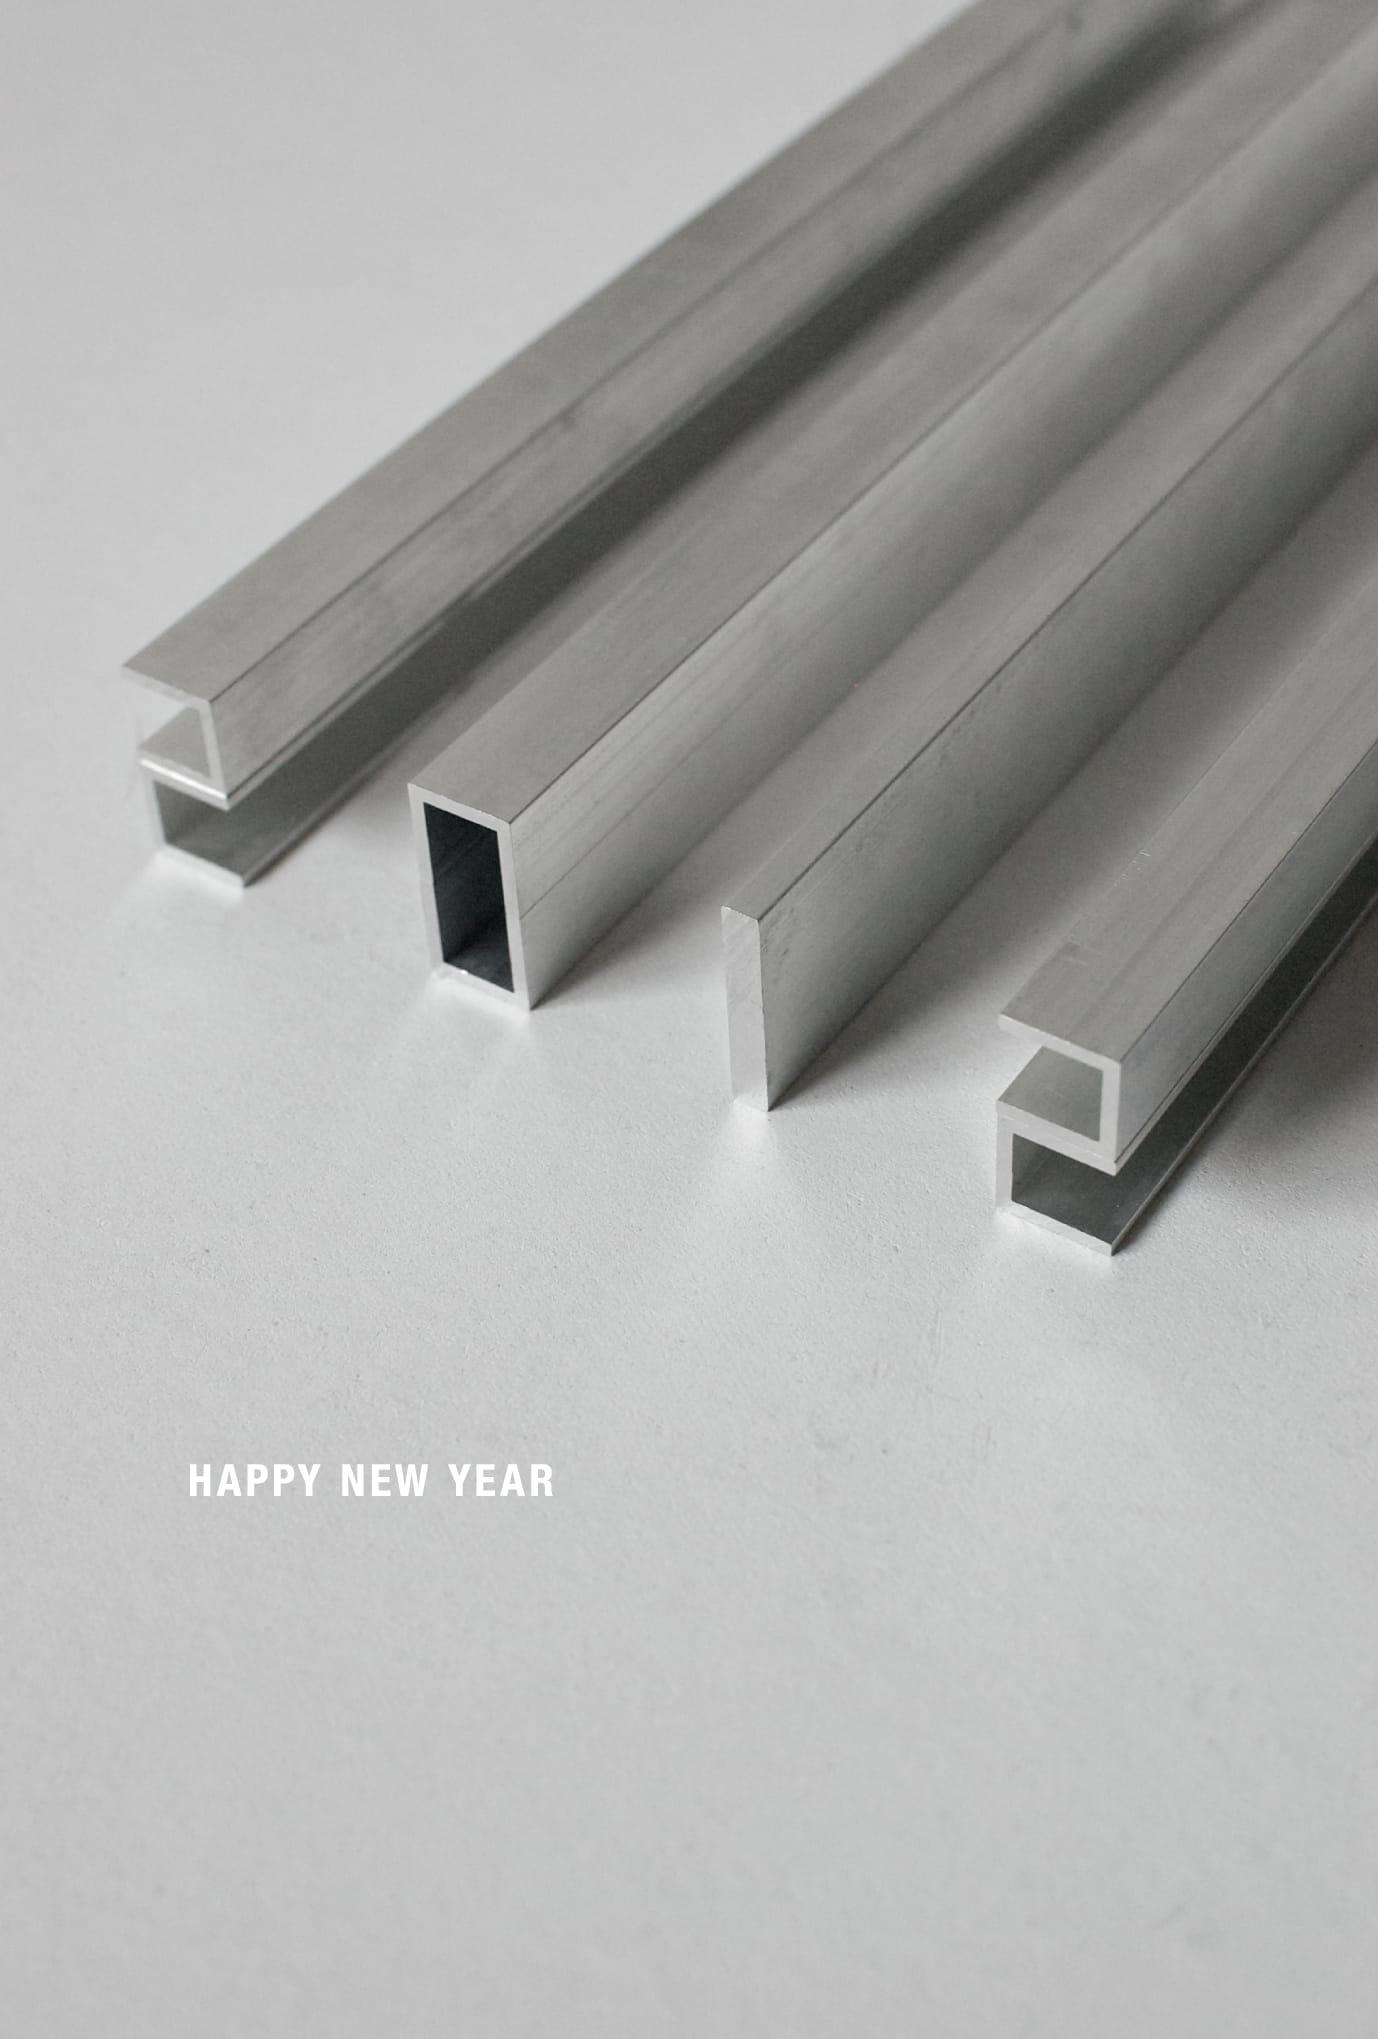 2012年賀状18:Alumi-new-m 2012 / 縦のダウンロード画像